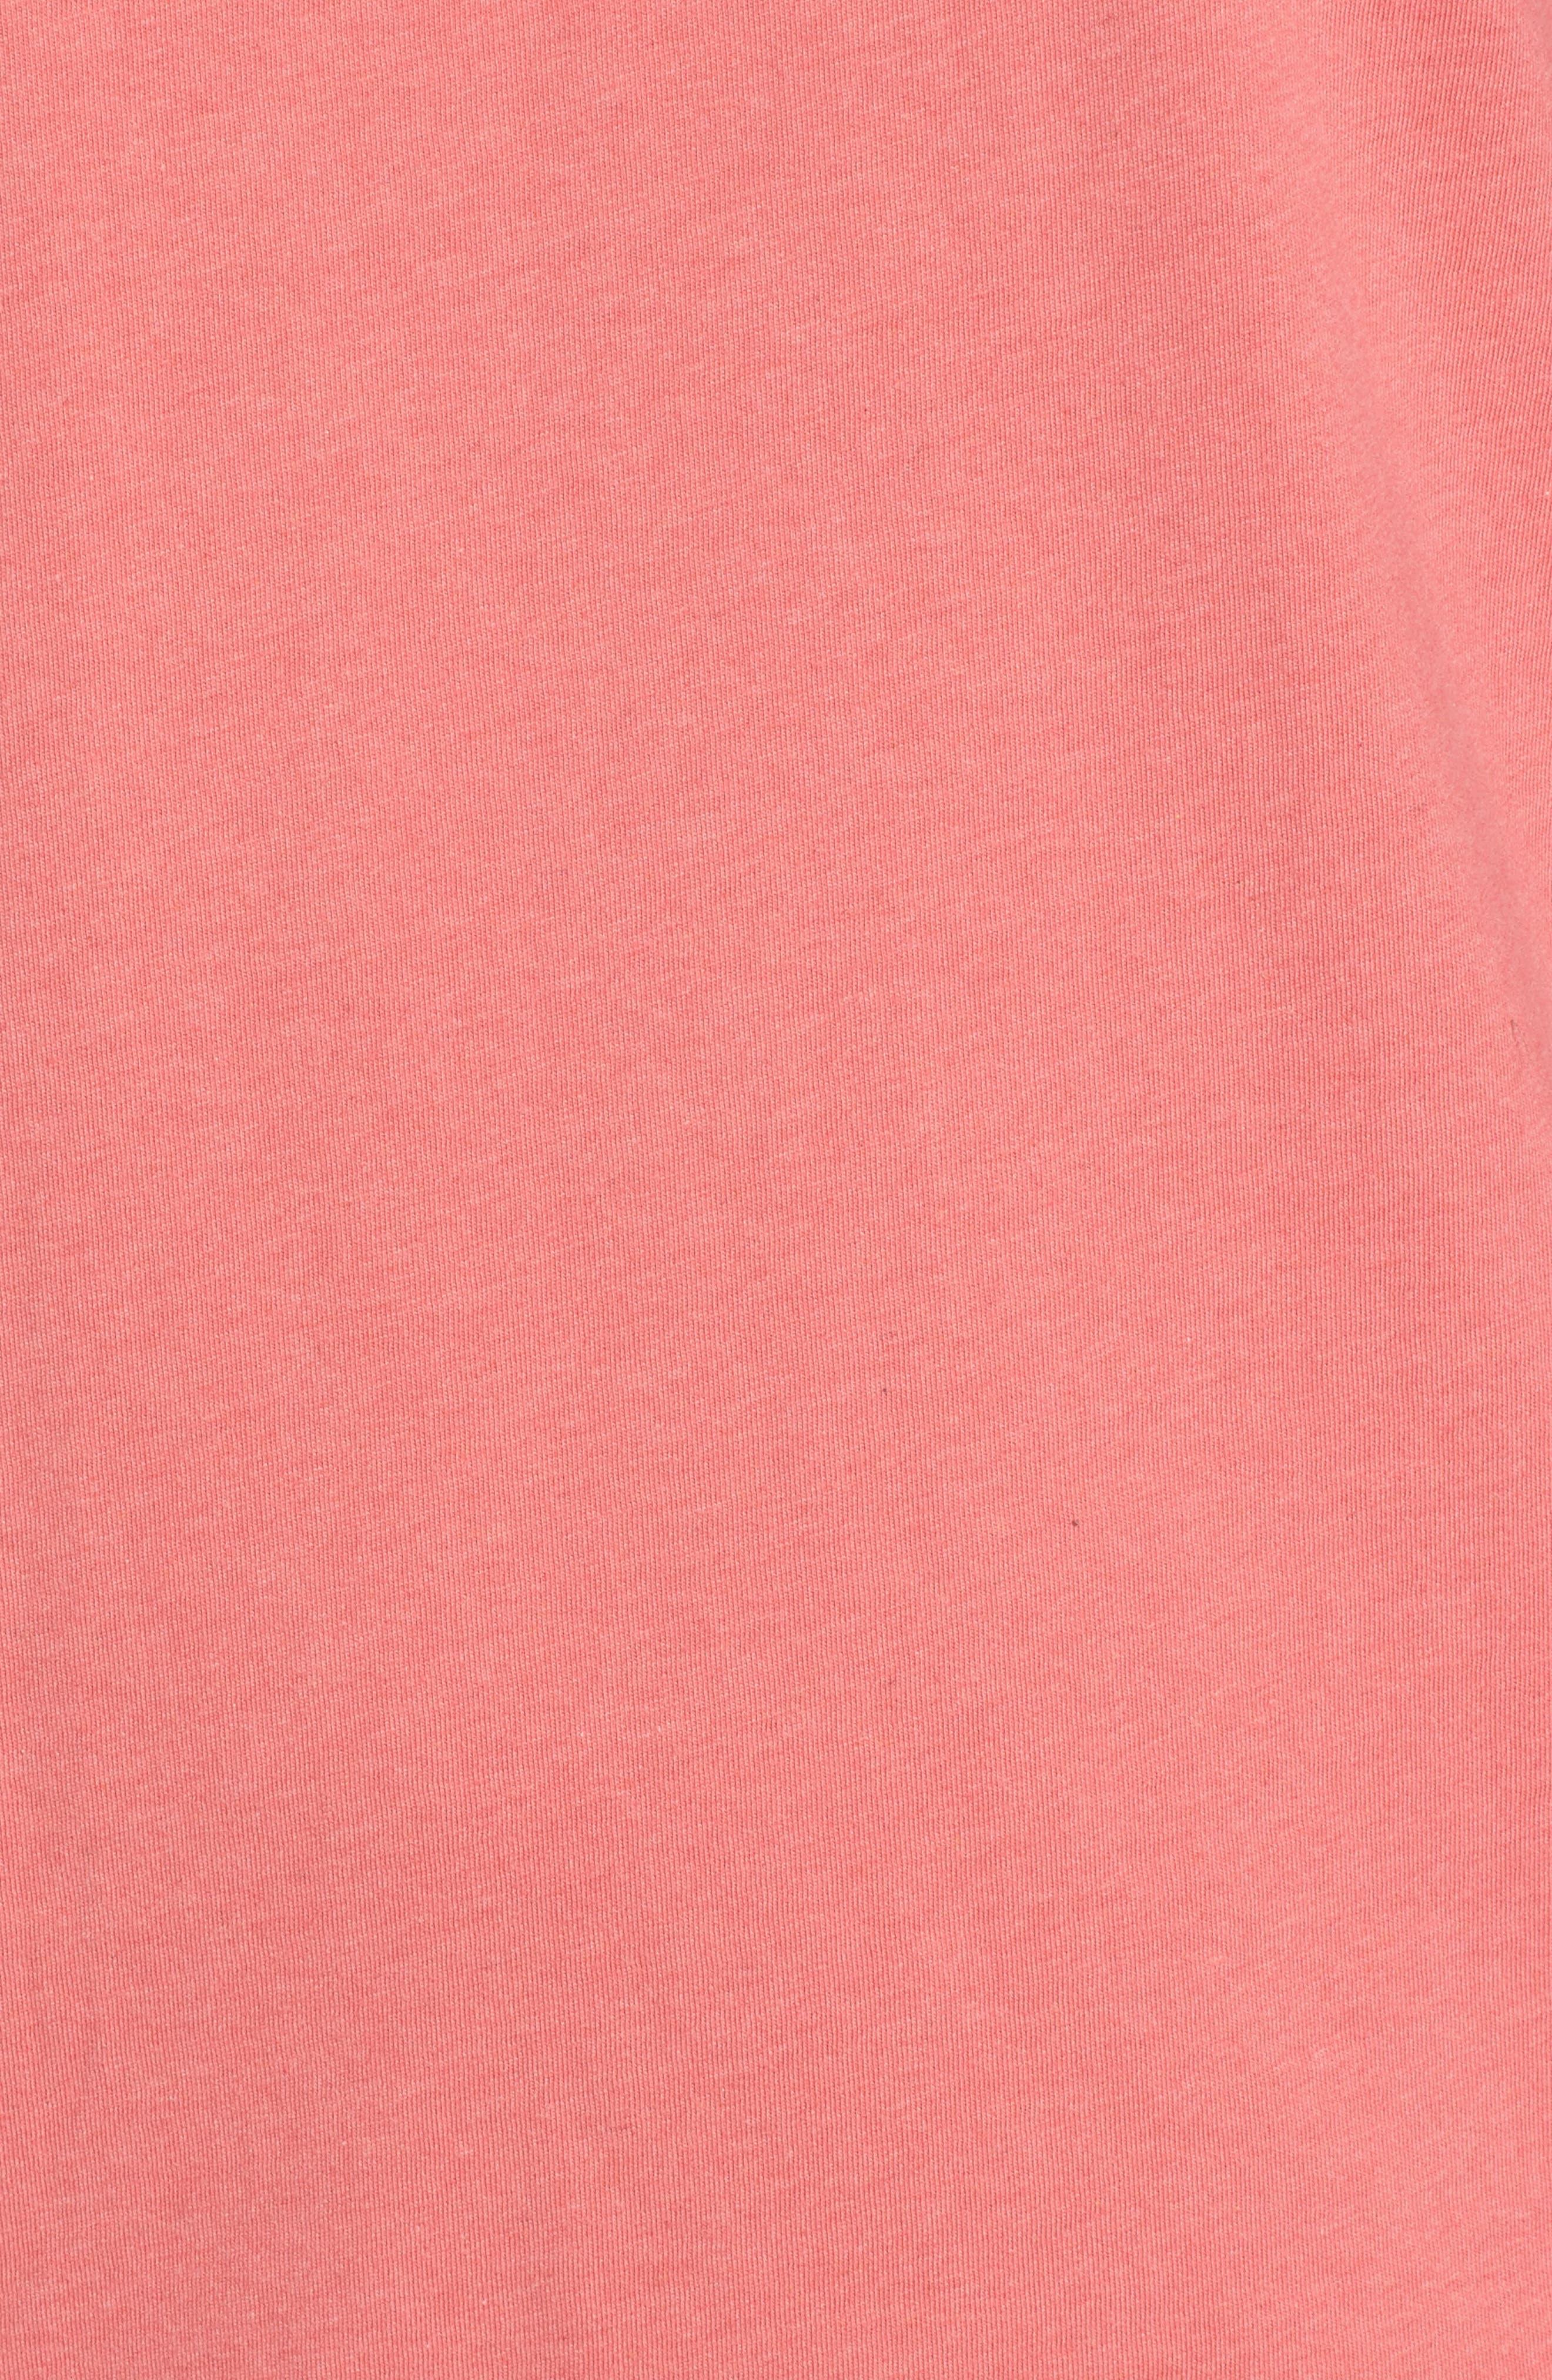 Alternate Image 5  - Southern Tide Original Skipjack T-Shirt